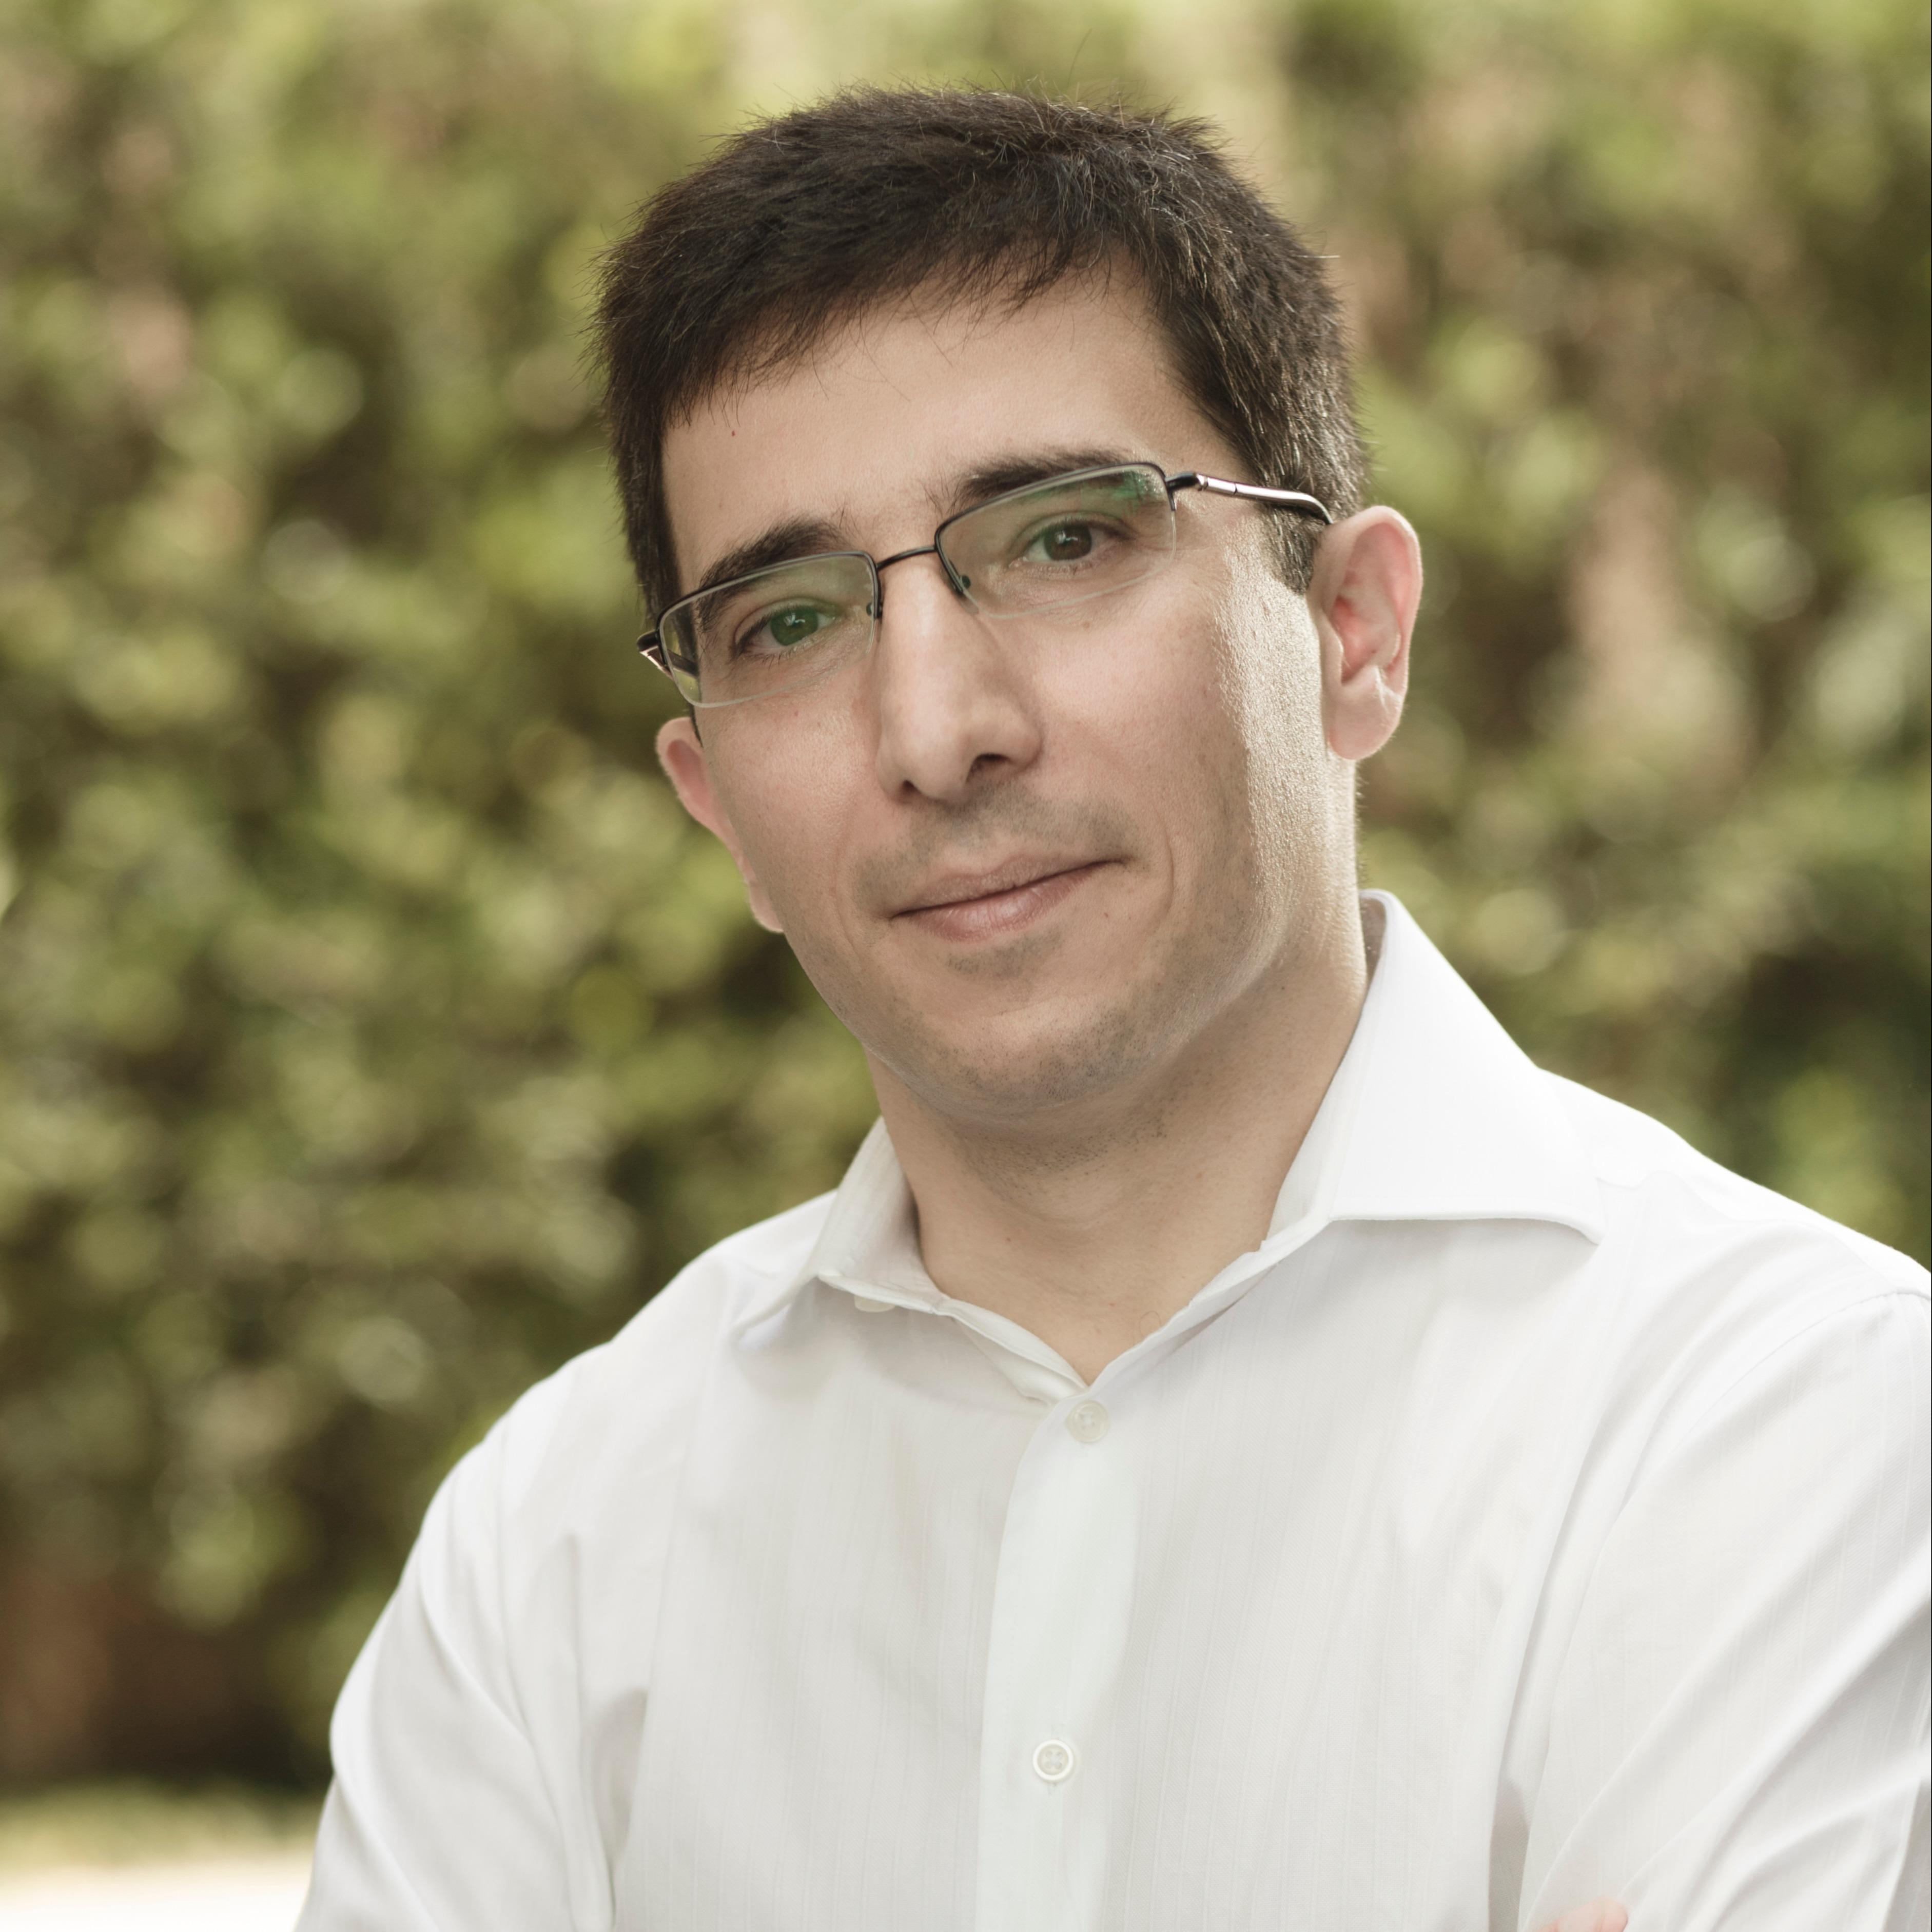 José Antonio Monteiro Hipólito